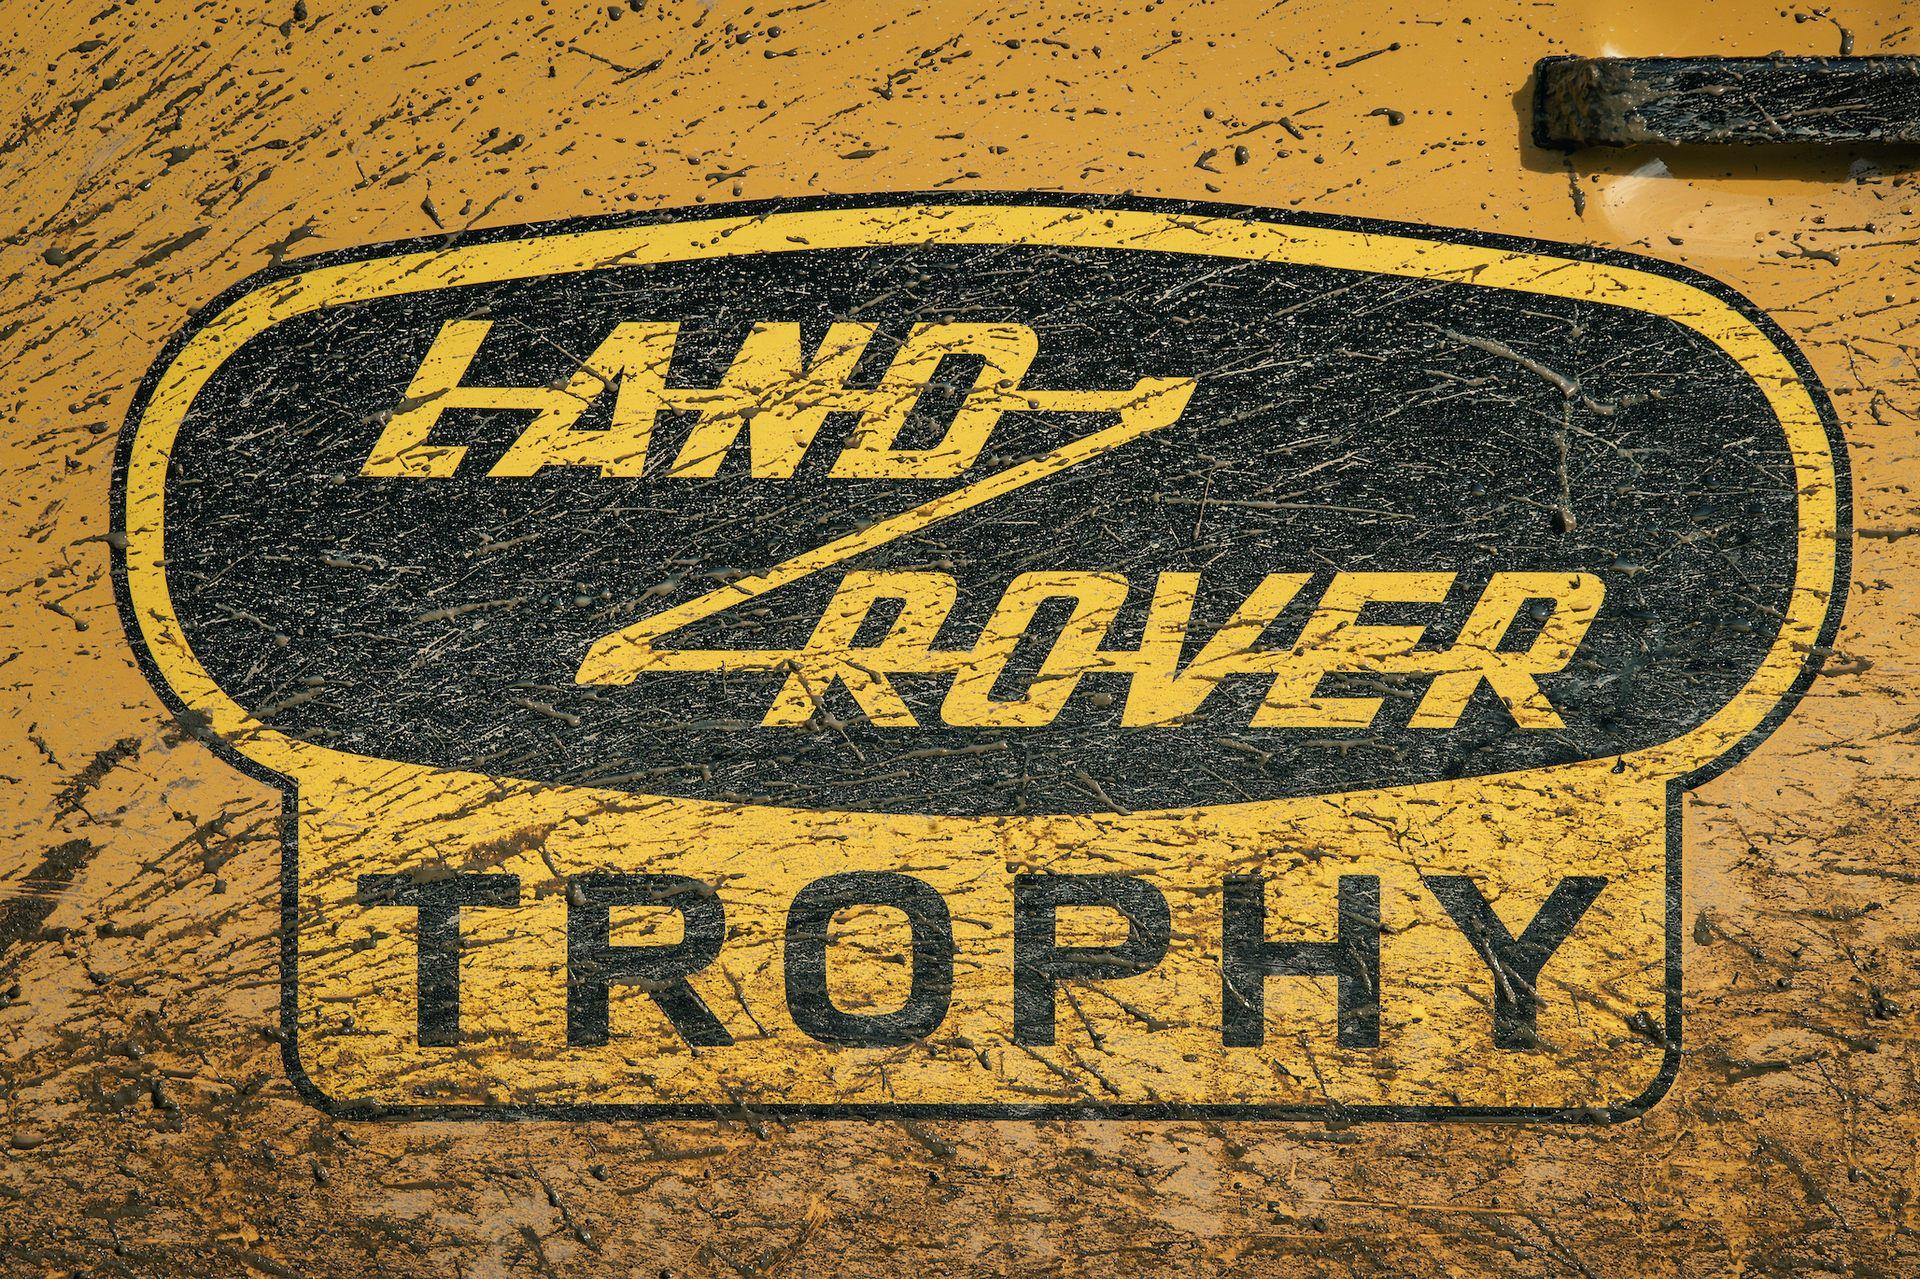 Land-Rover-Defender-Works-V8-Trophy-32